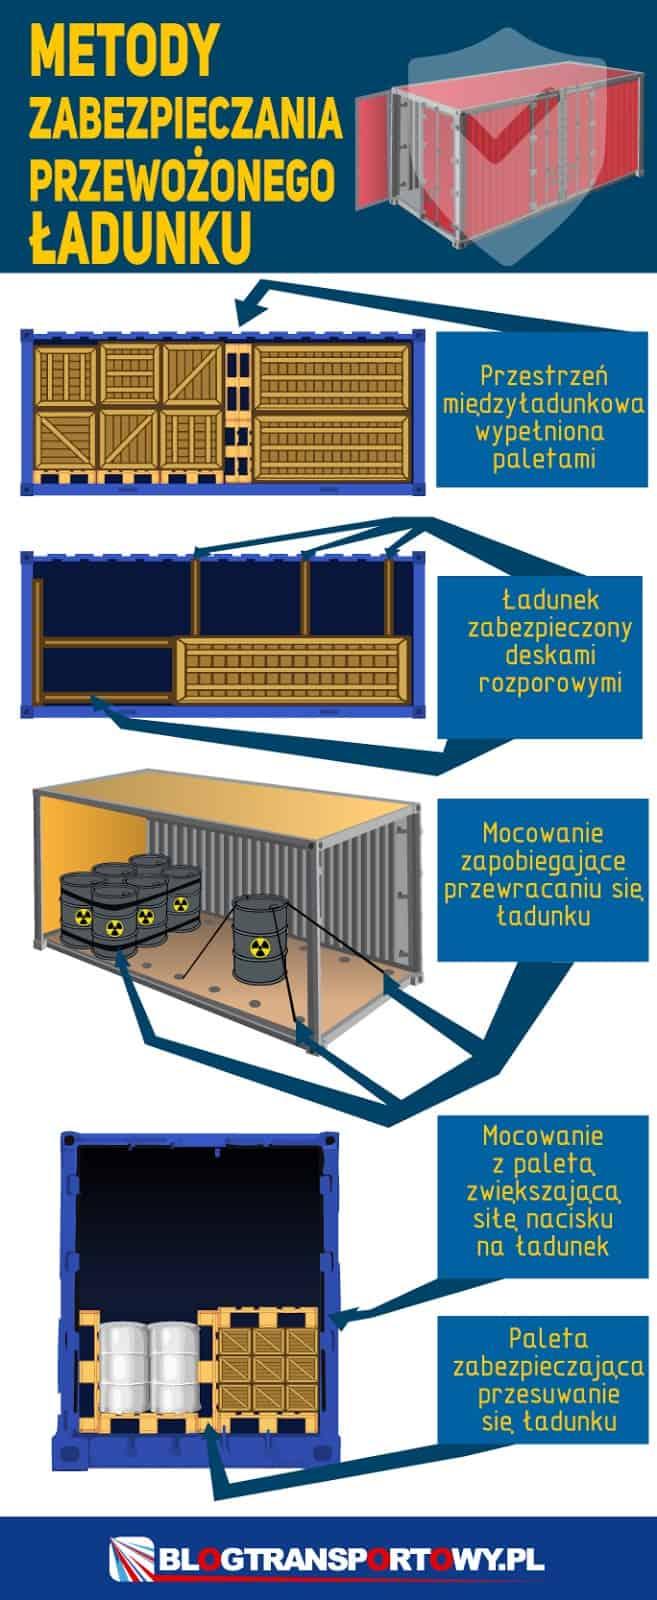 Metody zabezpieczania przewożonego ładunku w kontenerach